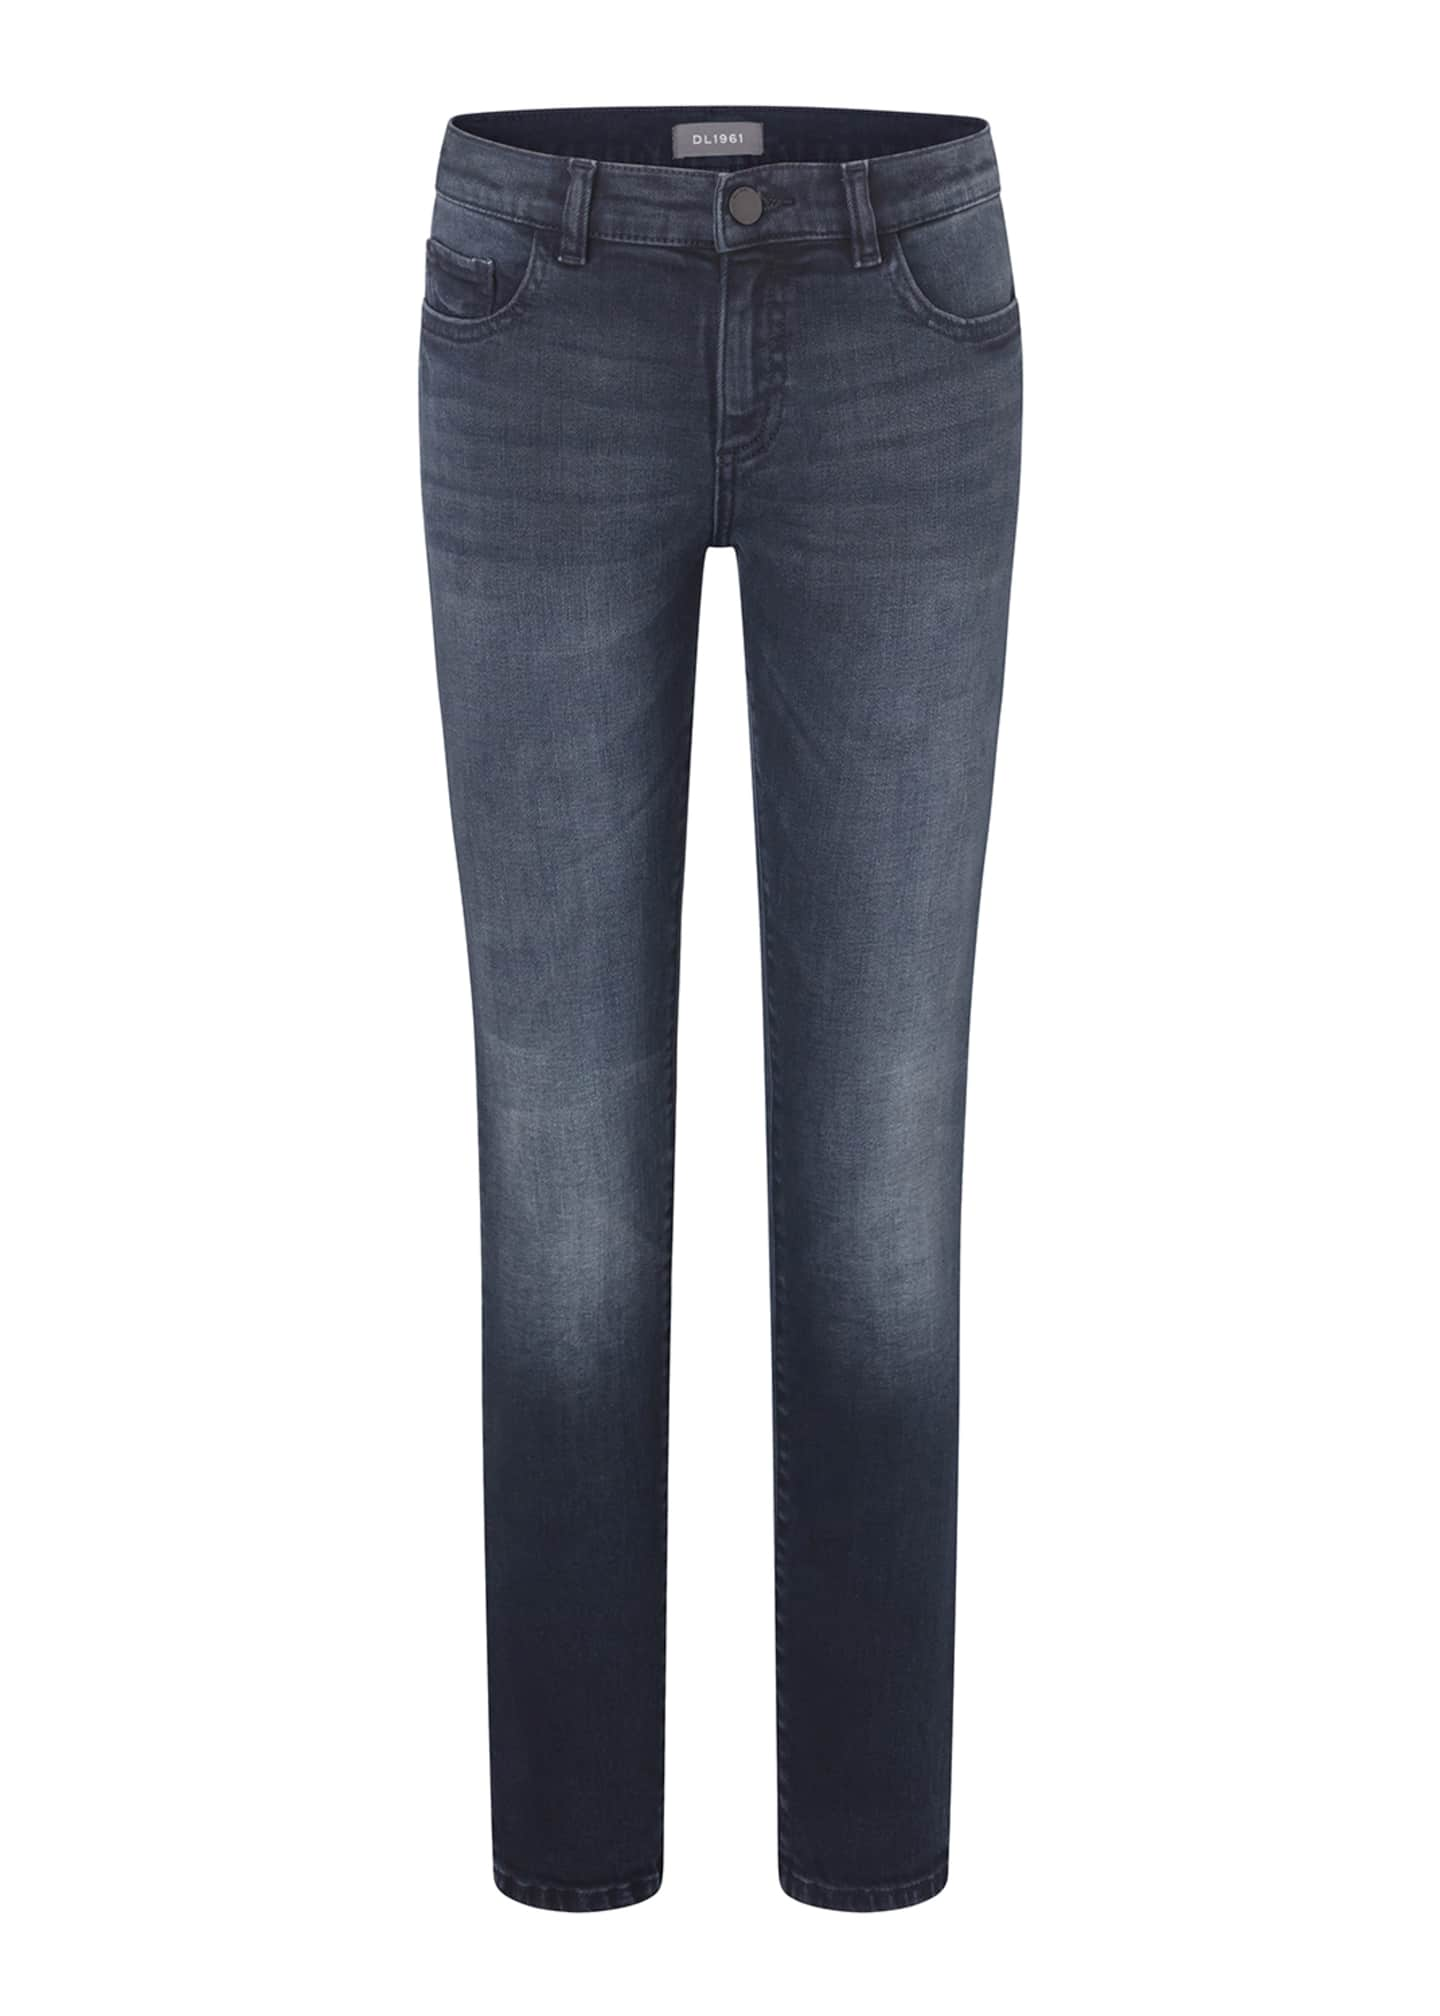 DL 1961 Boys' Zayne Super Skinny Jeans, Size